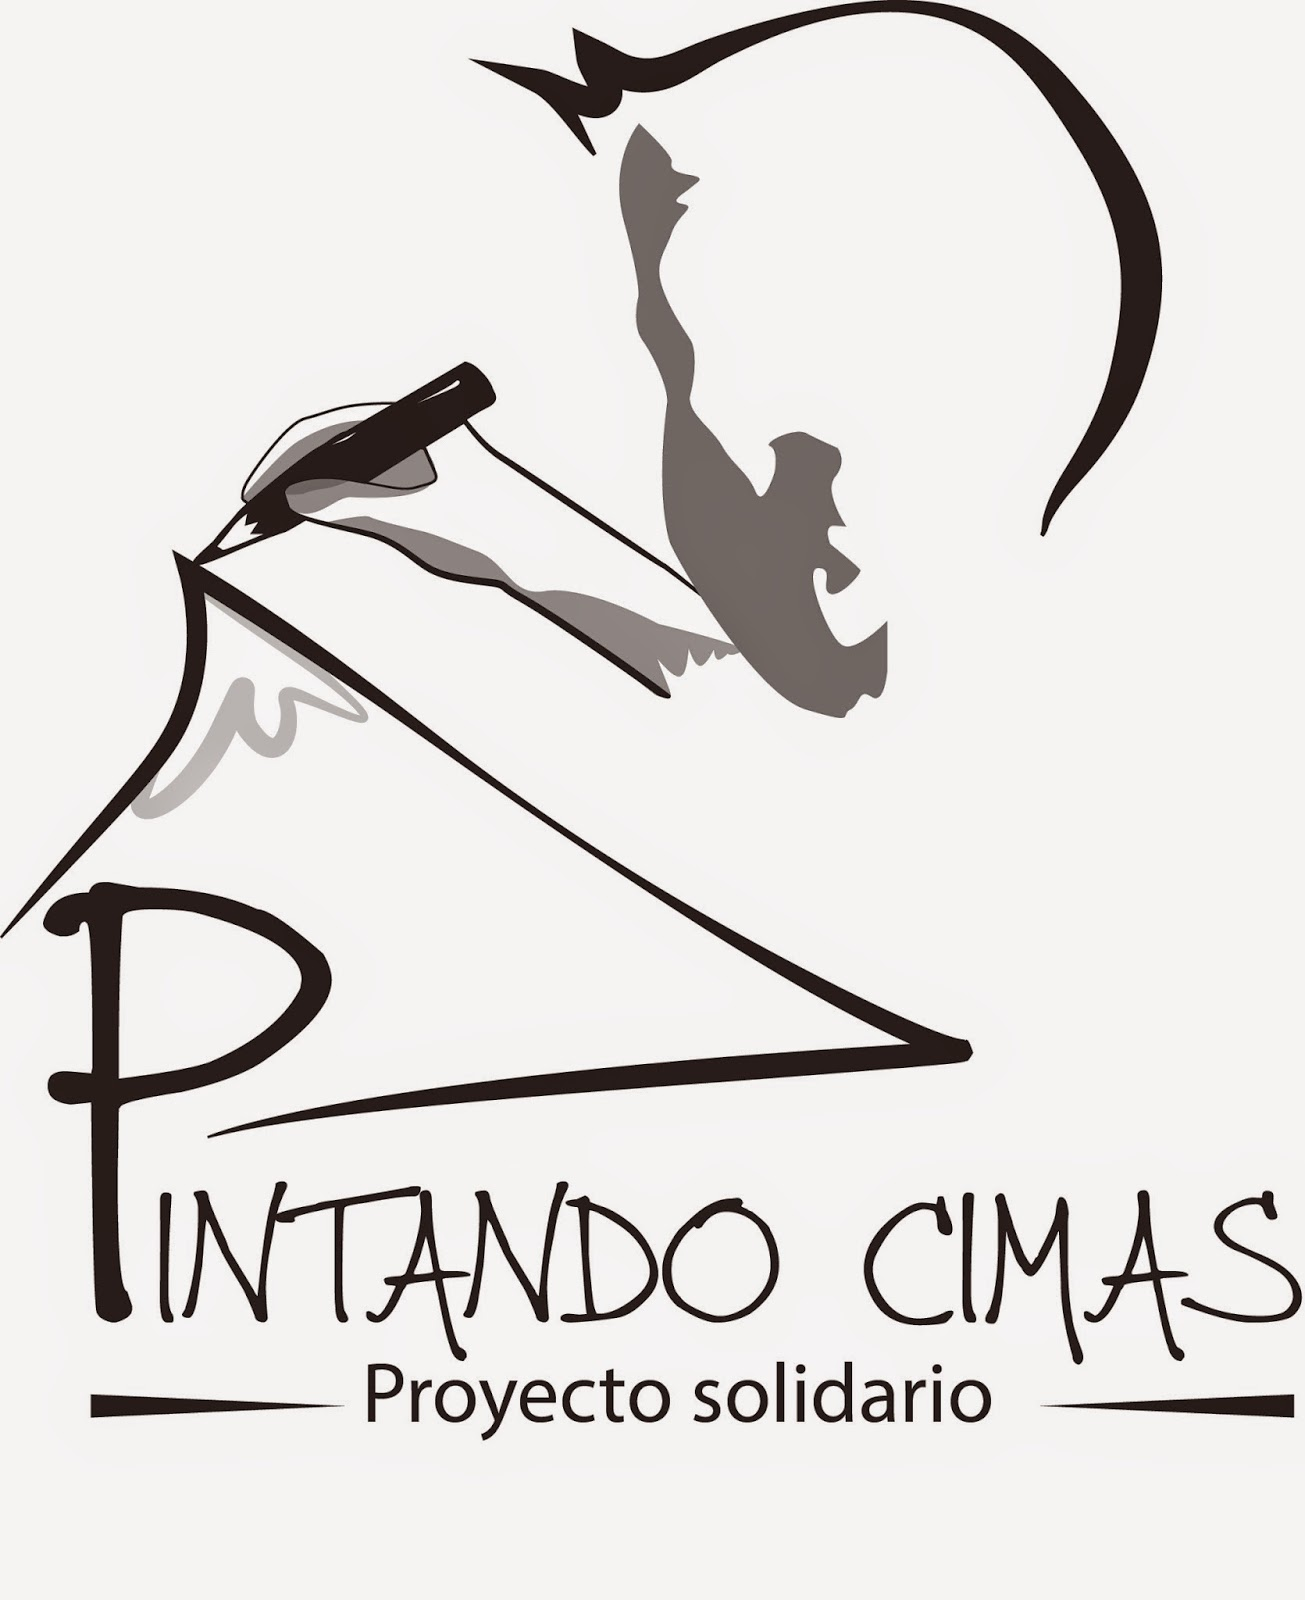 PINTANDO CIMAS